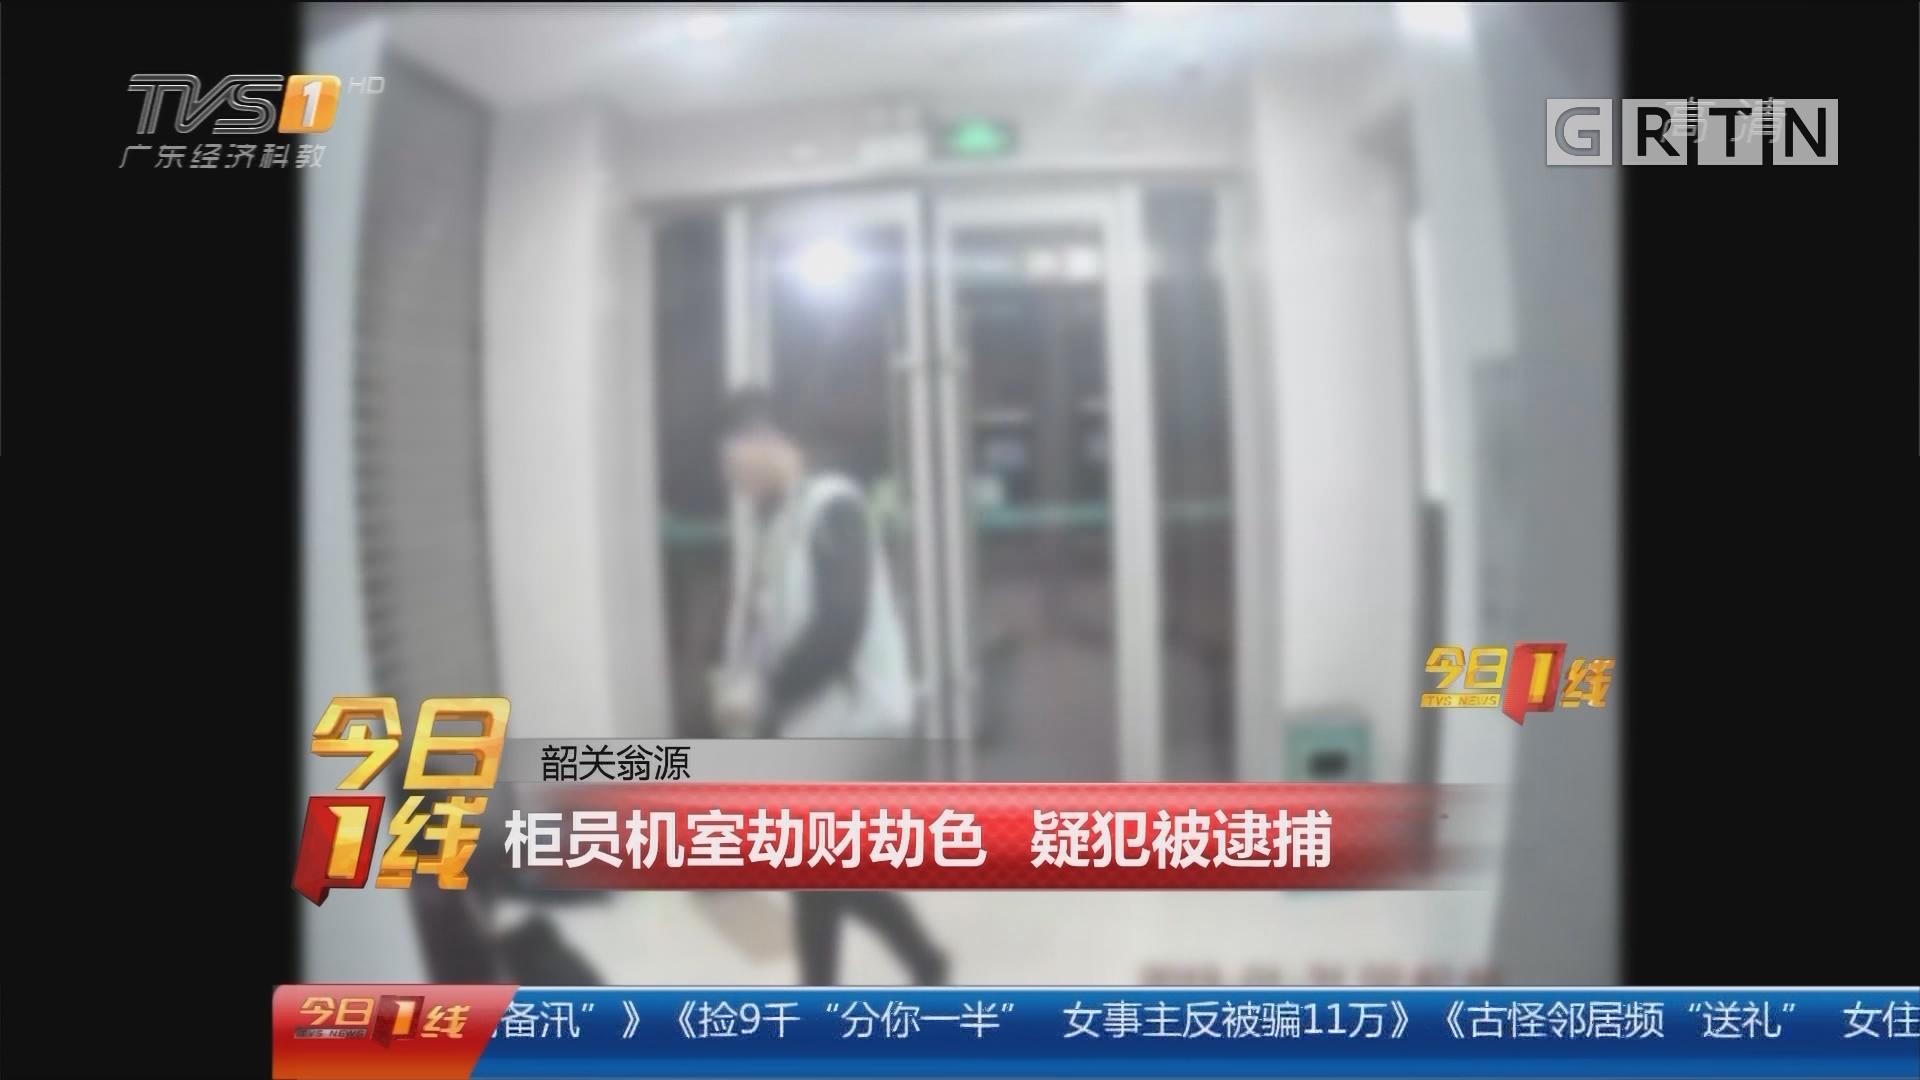 韶关翁源:柜员机室劫财劫色 疑犯被逮捕